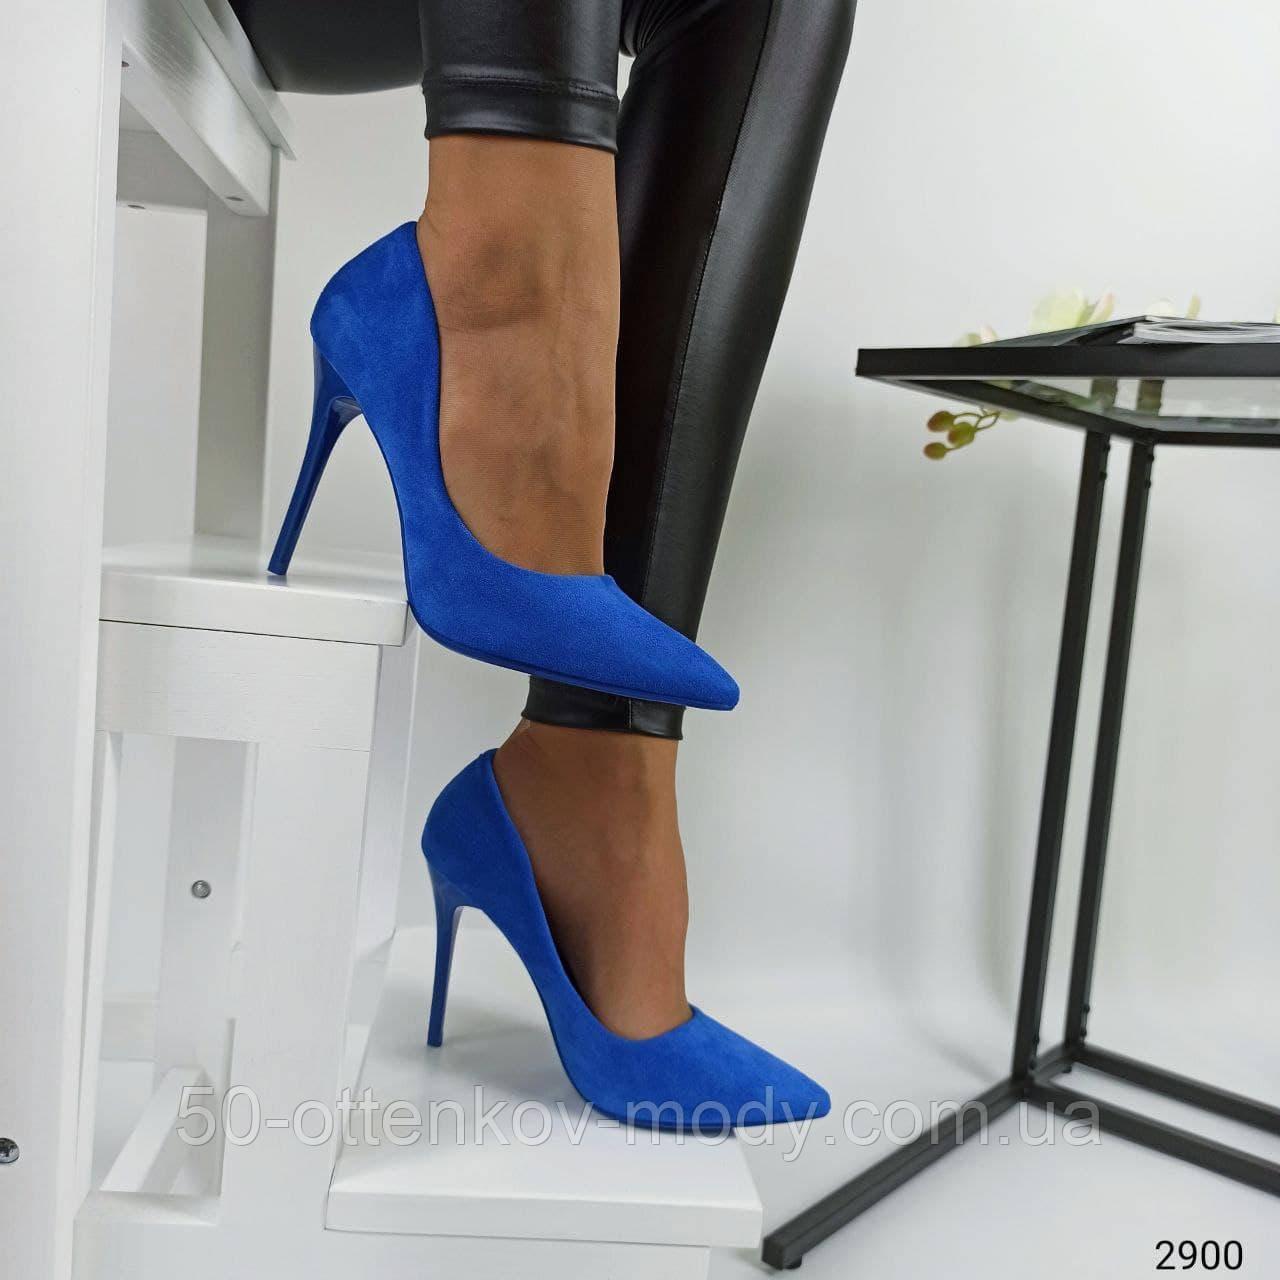 Жіночі туфлі човники електрик